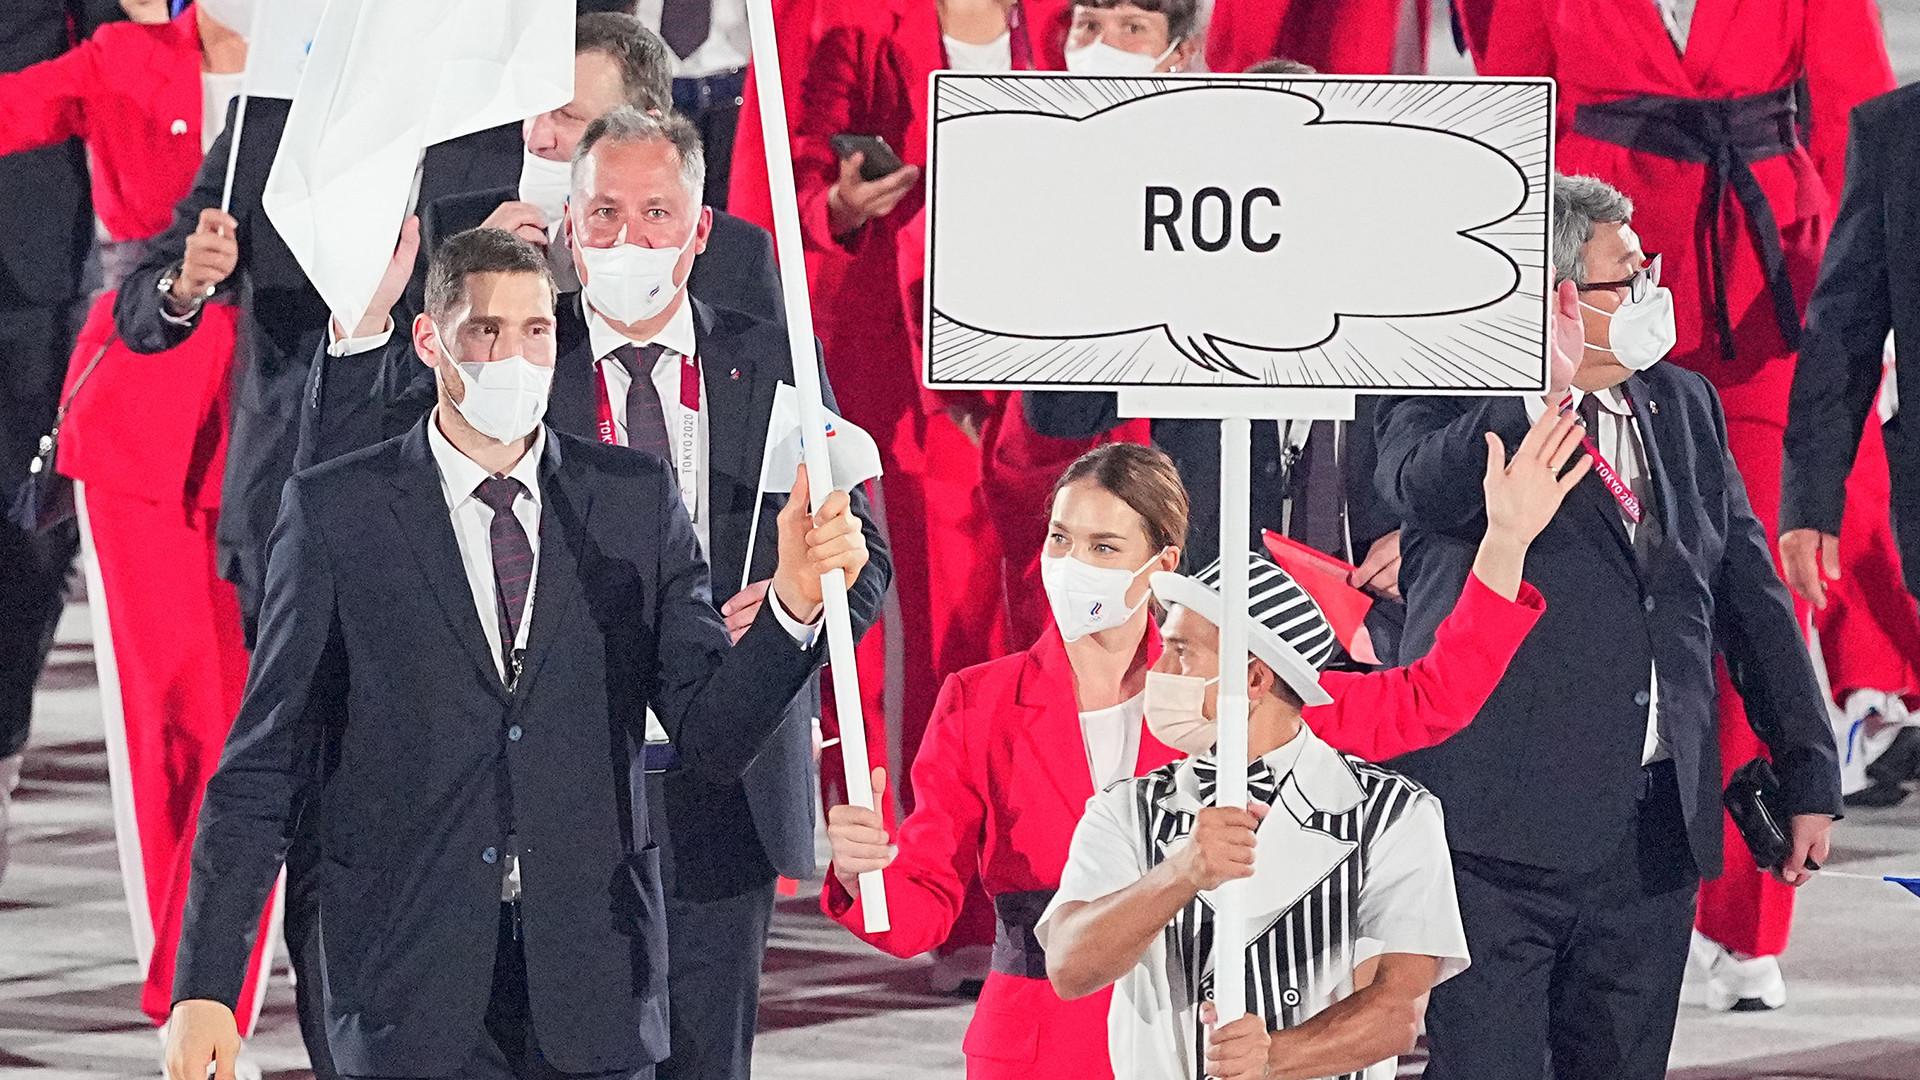 roc olympics - photo #4